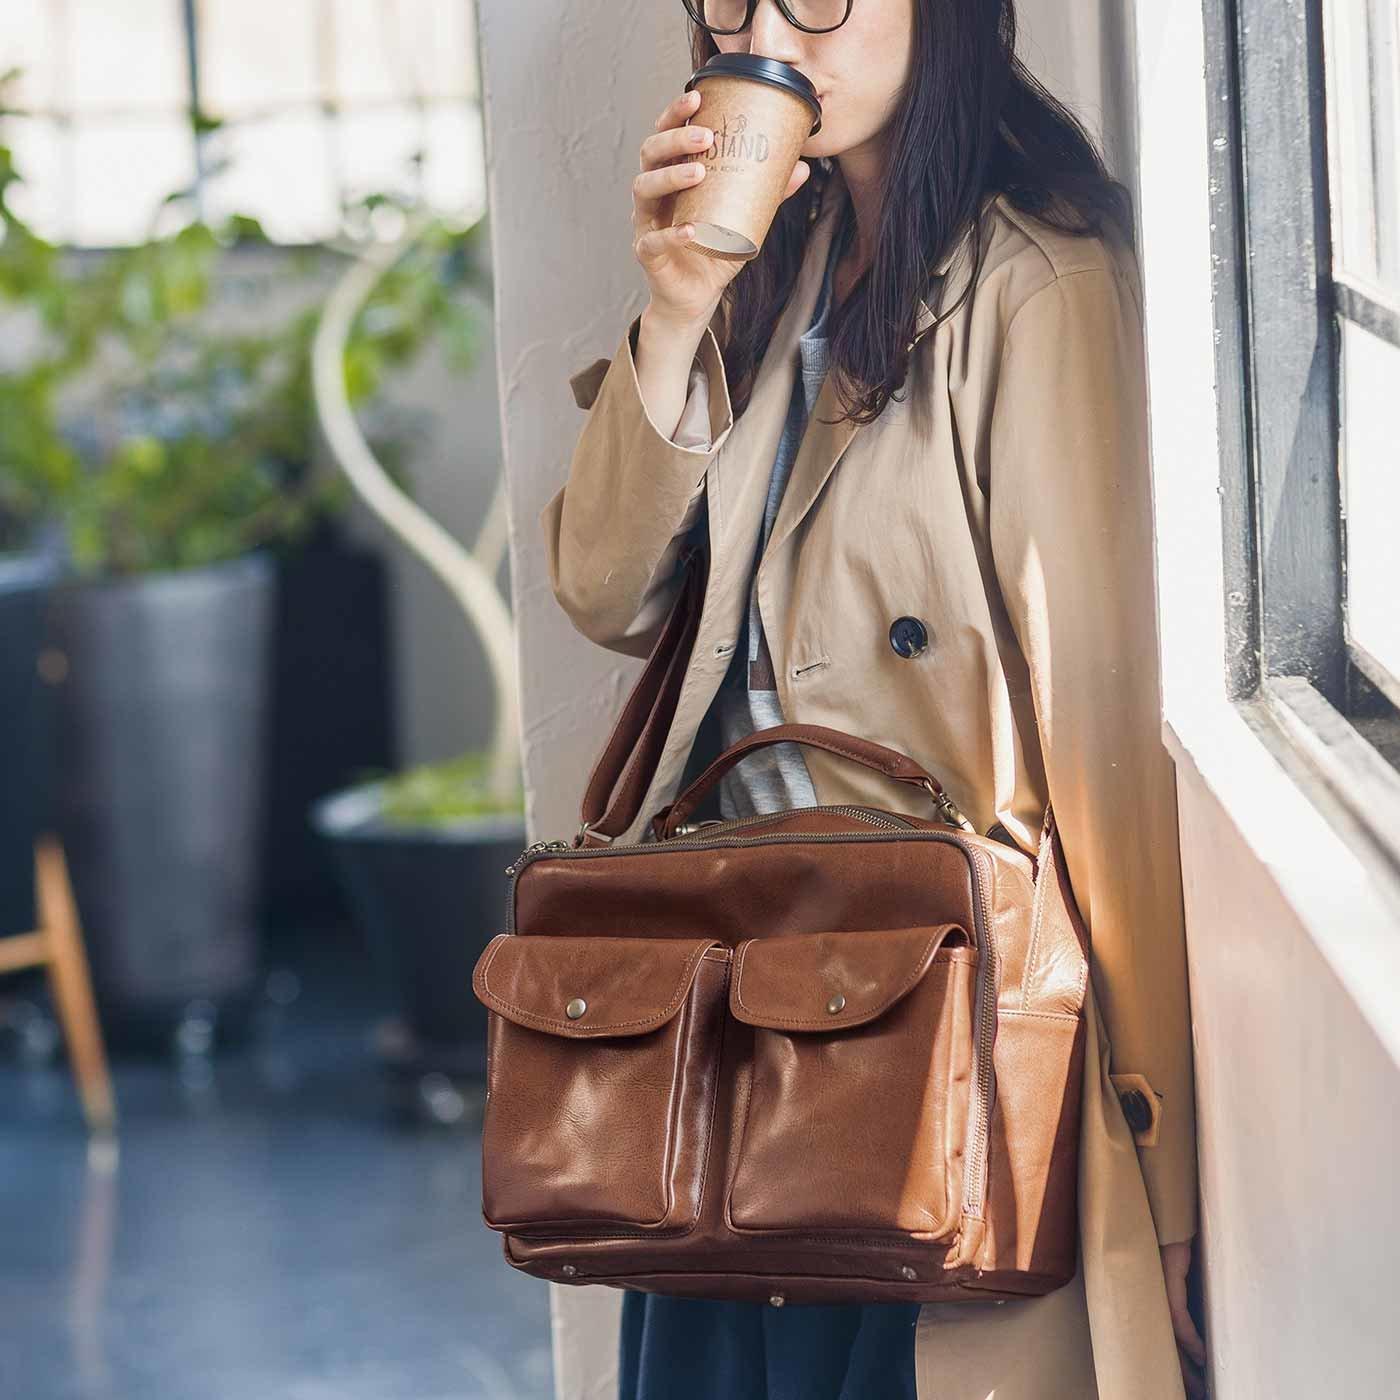 アンティーク仕上げレザーで誂(あつら)えた チョコレートバイヤー理想のお仕事バッグ〈ヴィンテージブラウン〉[本革 鞄:日本製]